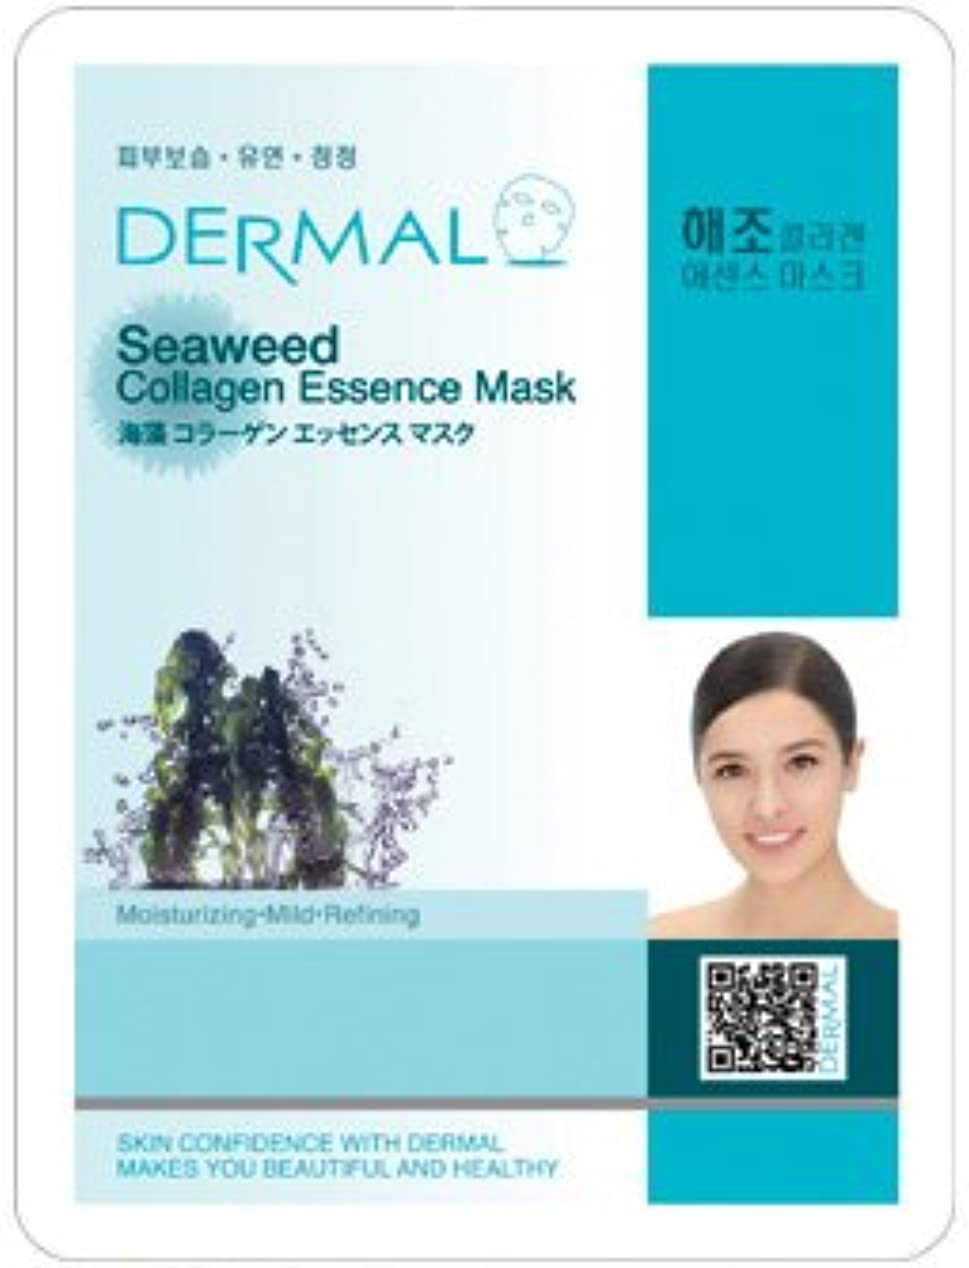 不調和分析的ほとんどないシートマスク 海藻 100枚セット ダーマル(Dermal) フェイス パック